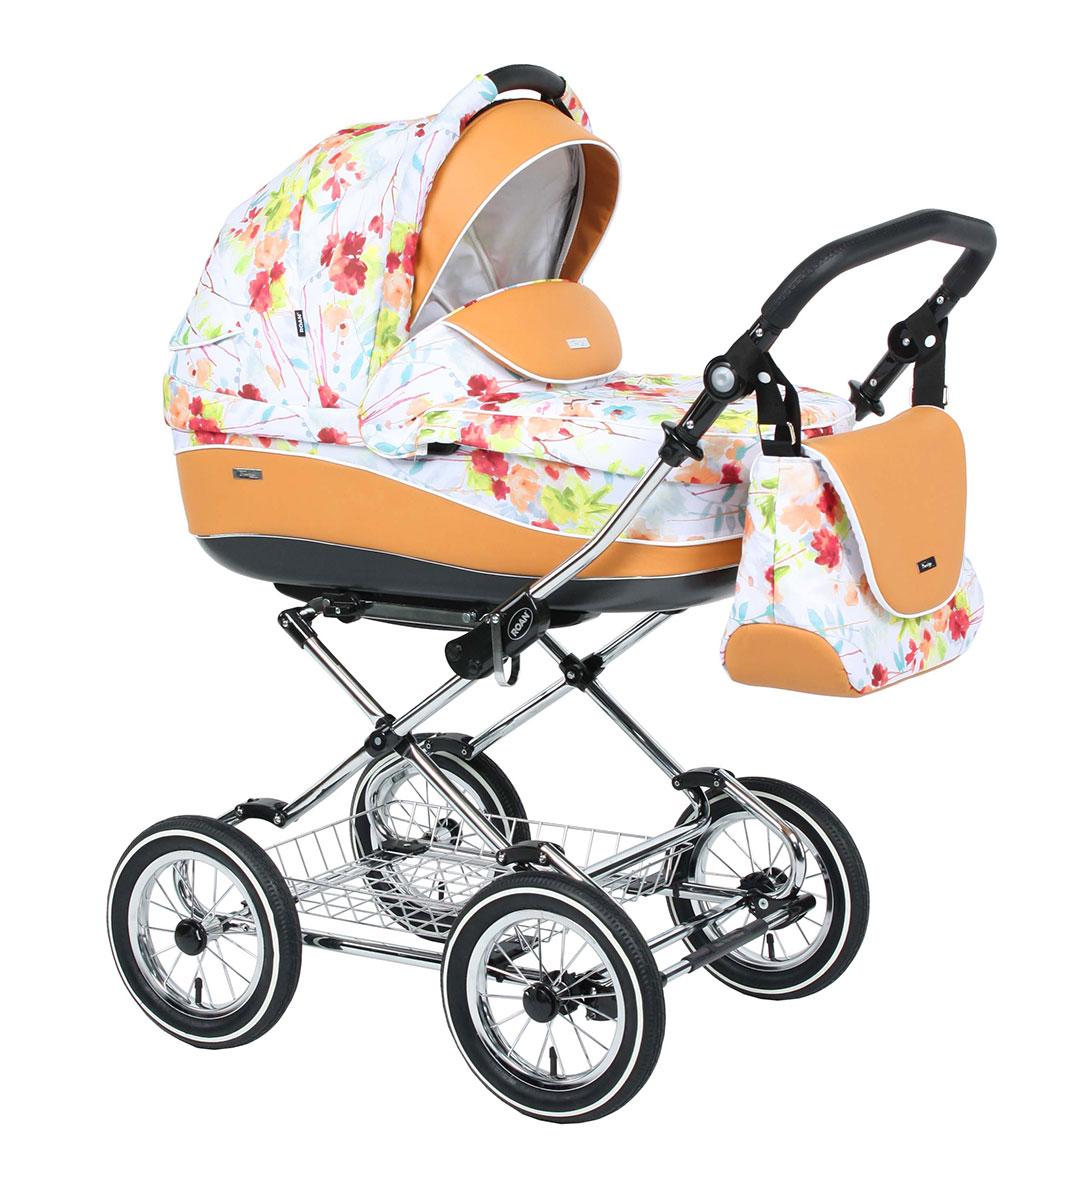 Детская коляска для новорожденных 3 в 1, Roan Emma - Роан Эмма,  самая модная коляска для новорожденных, модные коляски, купить коляску для новорожденного, детские коляски роан, детские коляски roan, Roan Emma, цвет RP3